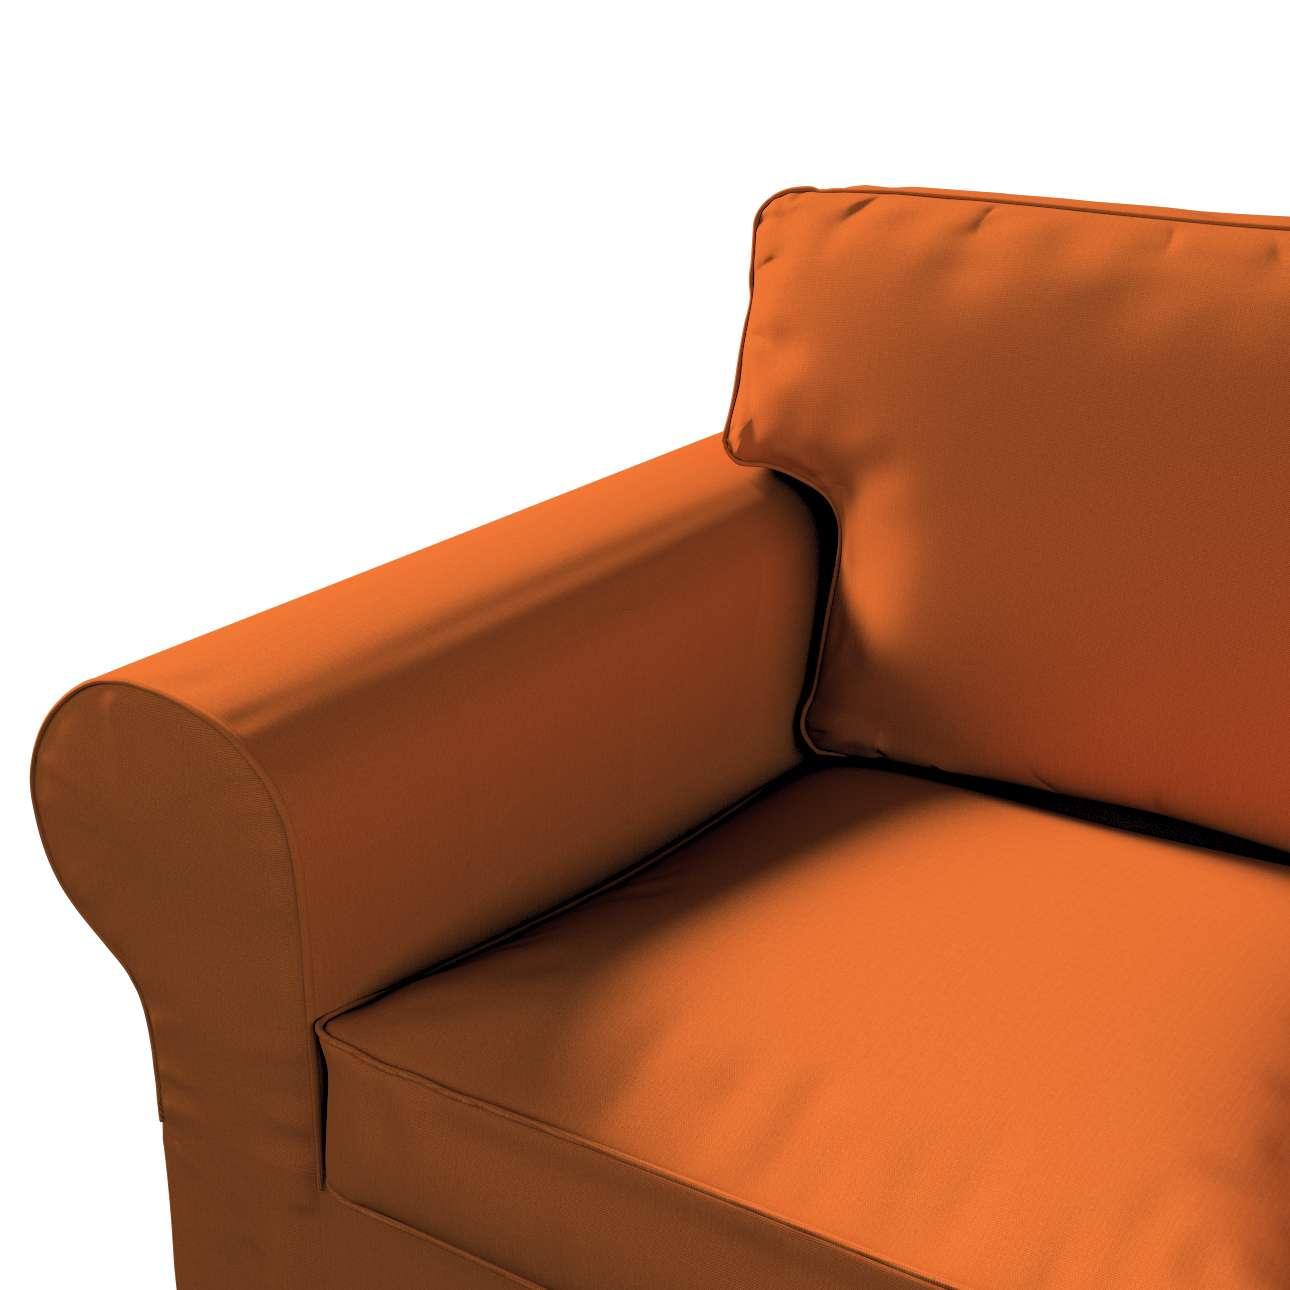 Pokrowiec na sofę Ektorp 2-osobową rozkładaną, model po 2012 w kolekcji Cotton Panama, tkanina: 702-42